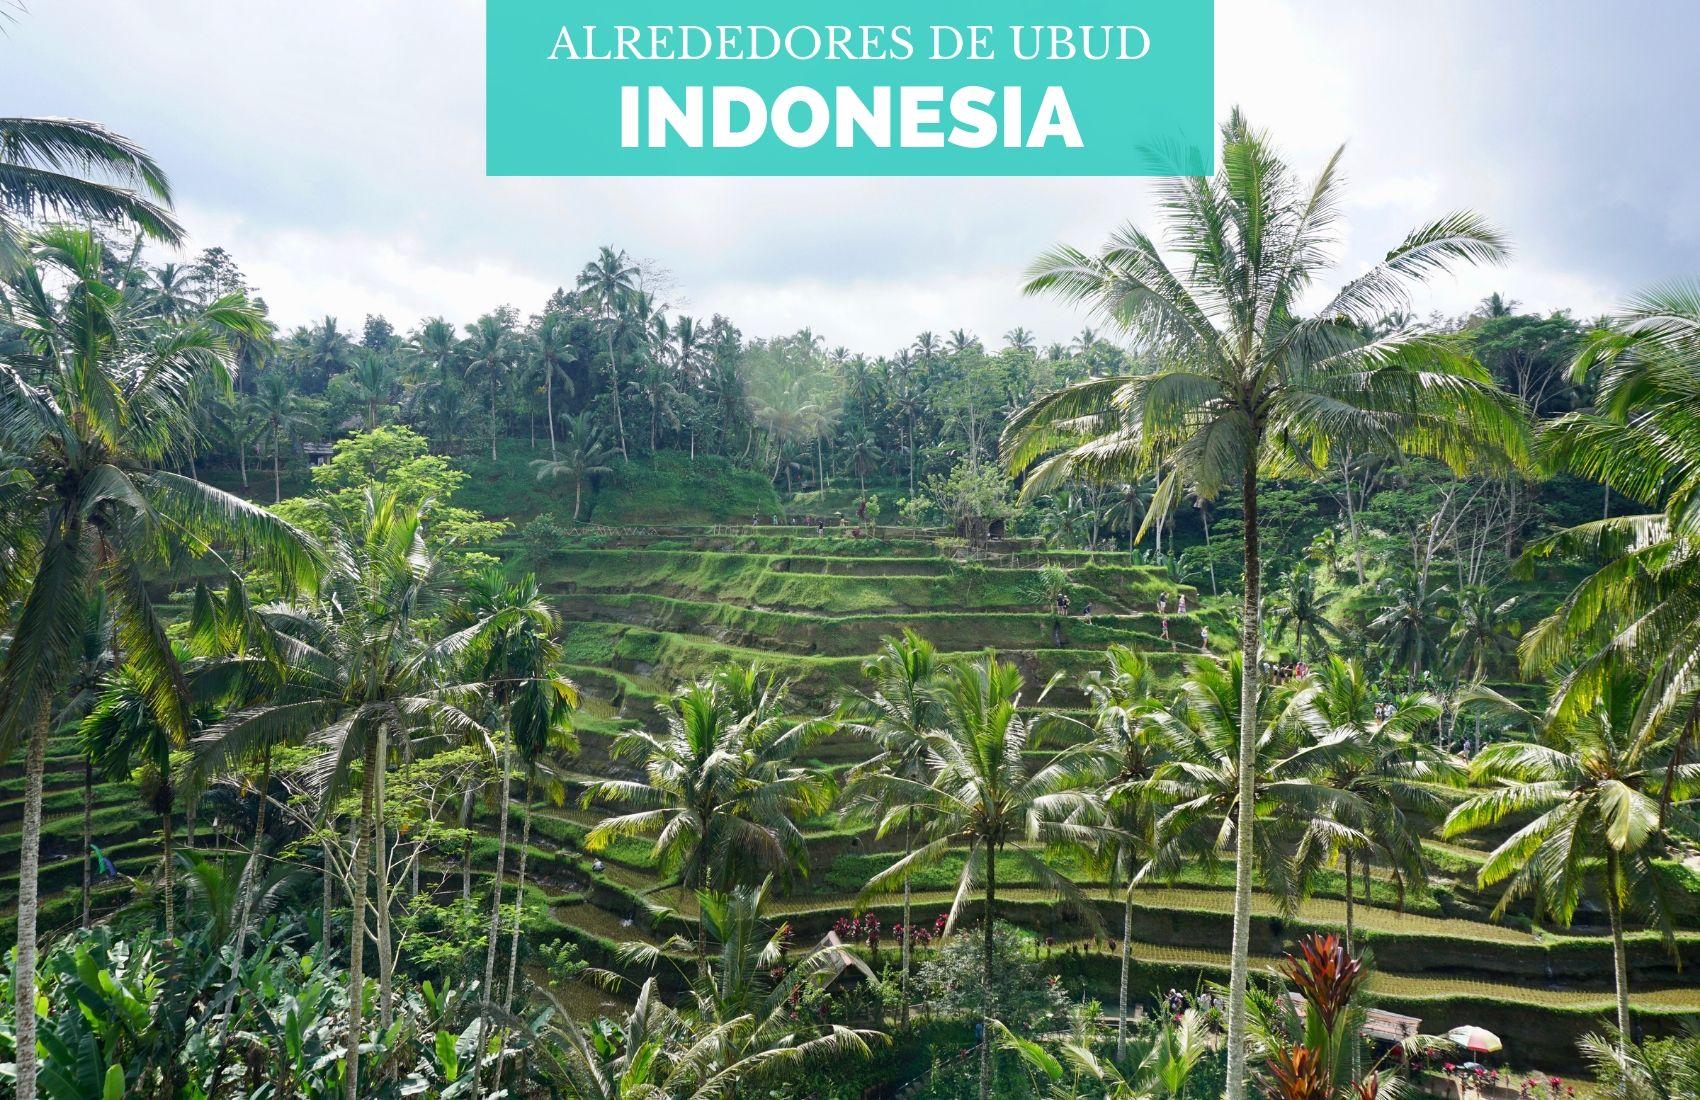 Portada-indonesia-alrededores-ubud